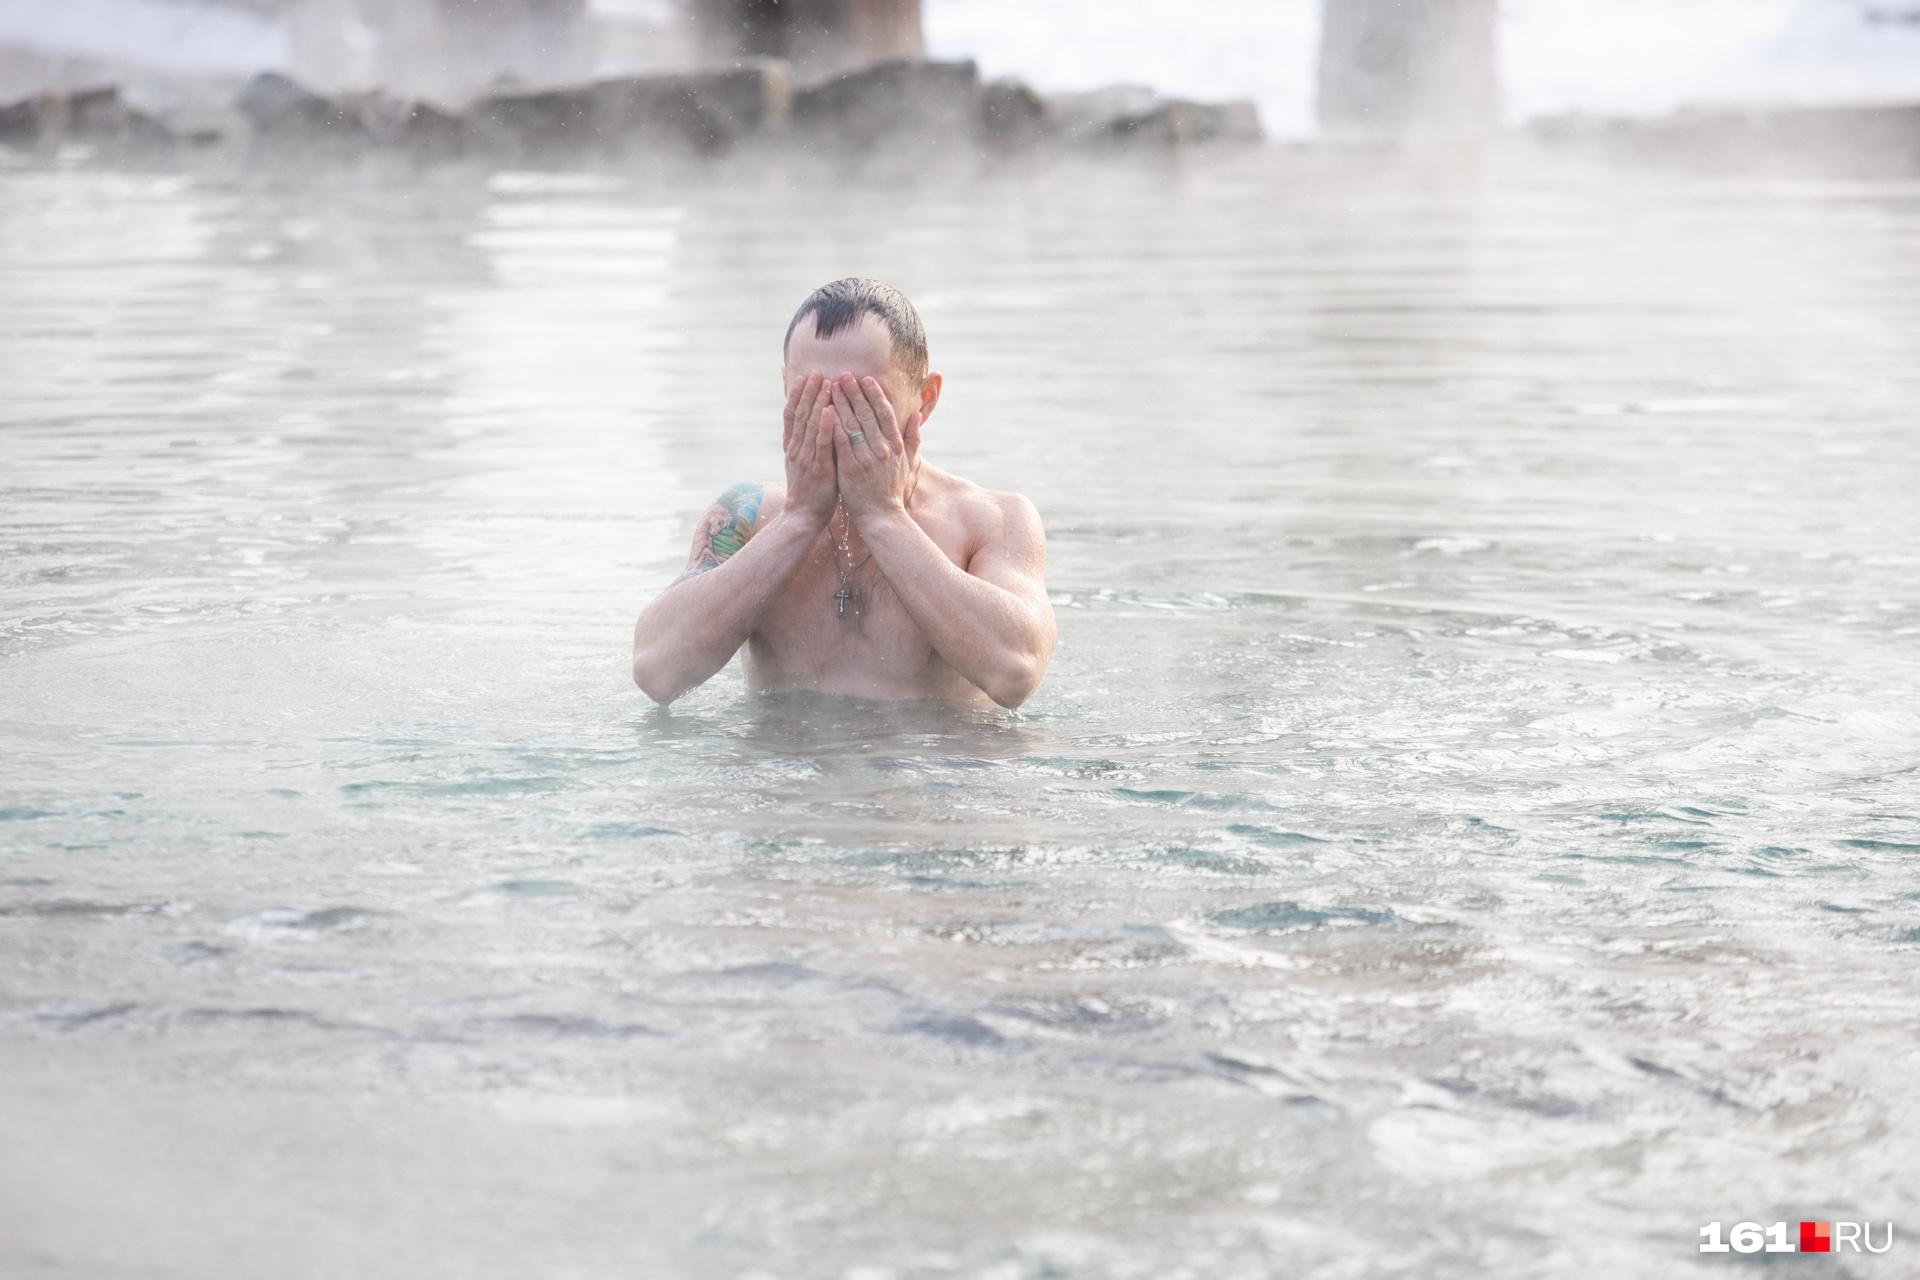 Утром 19 января у Гремучего родника собрались верующие